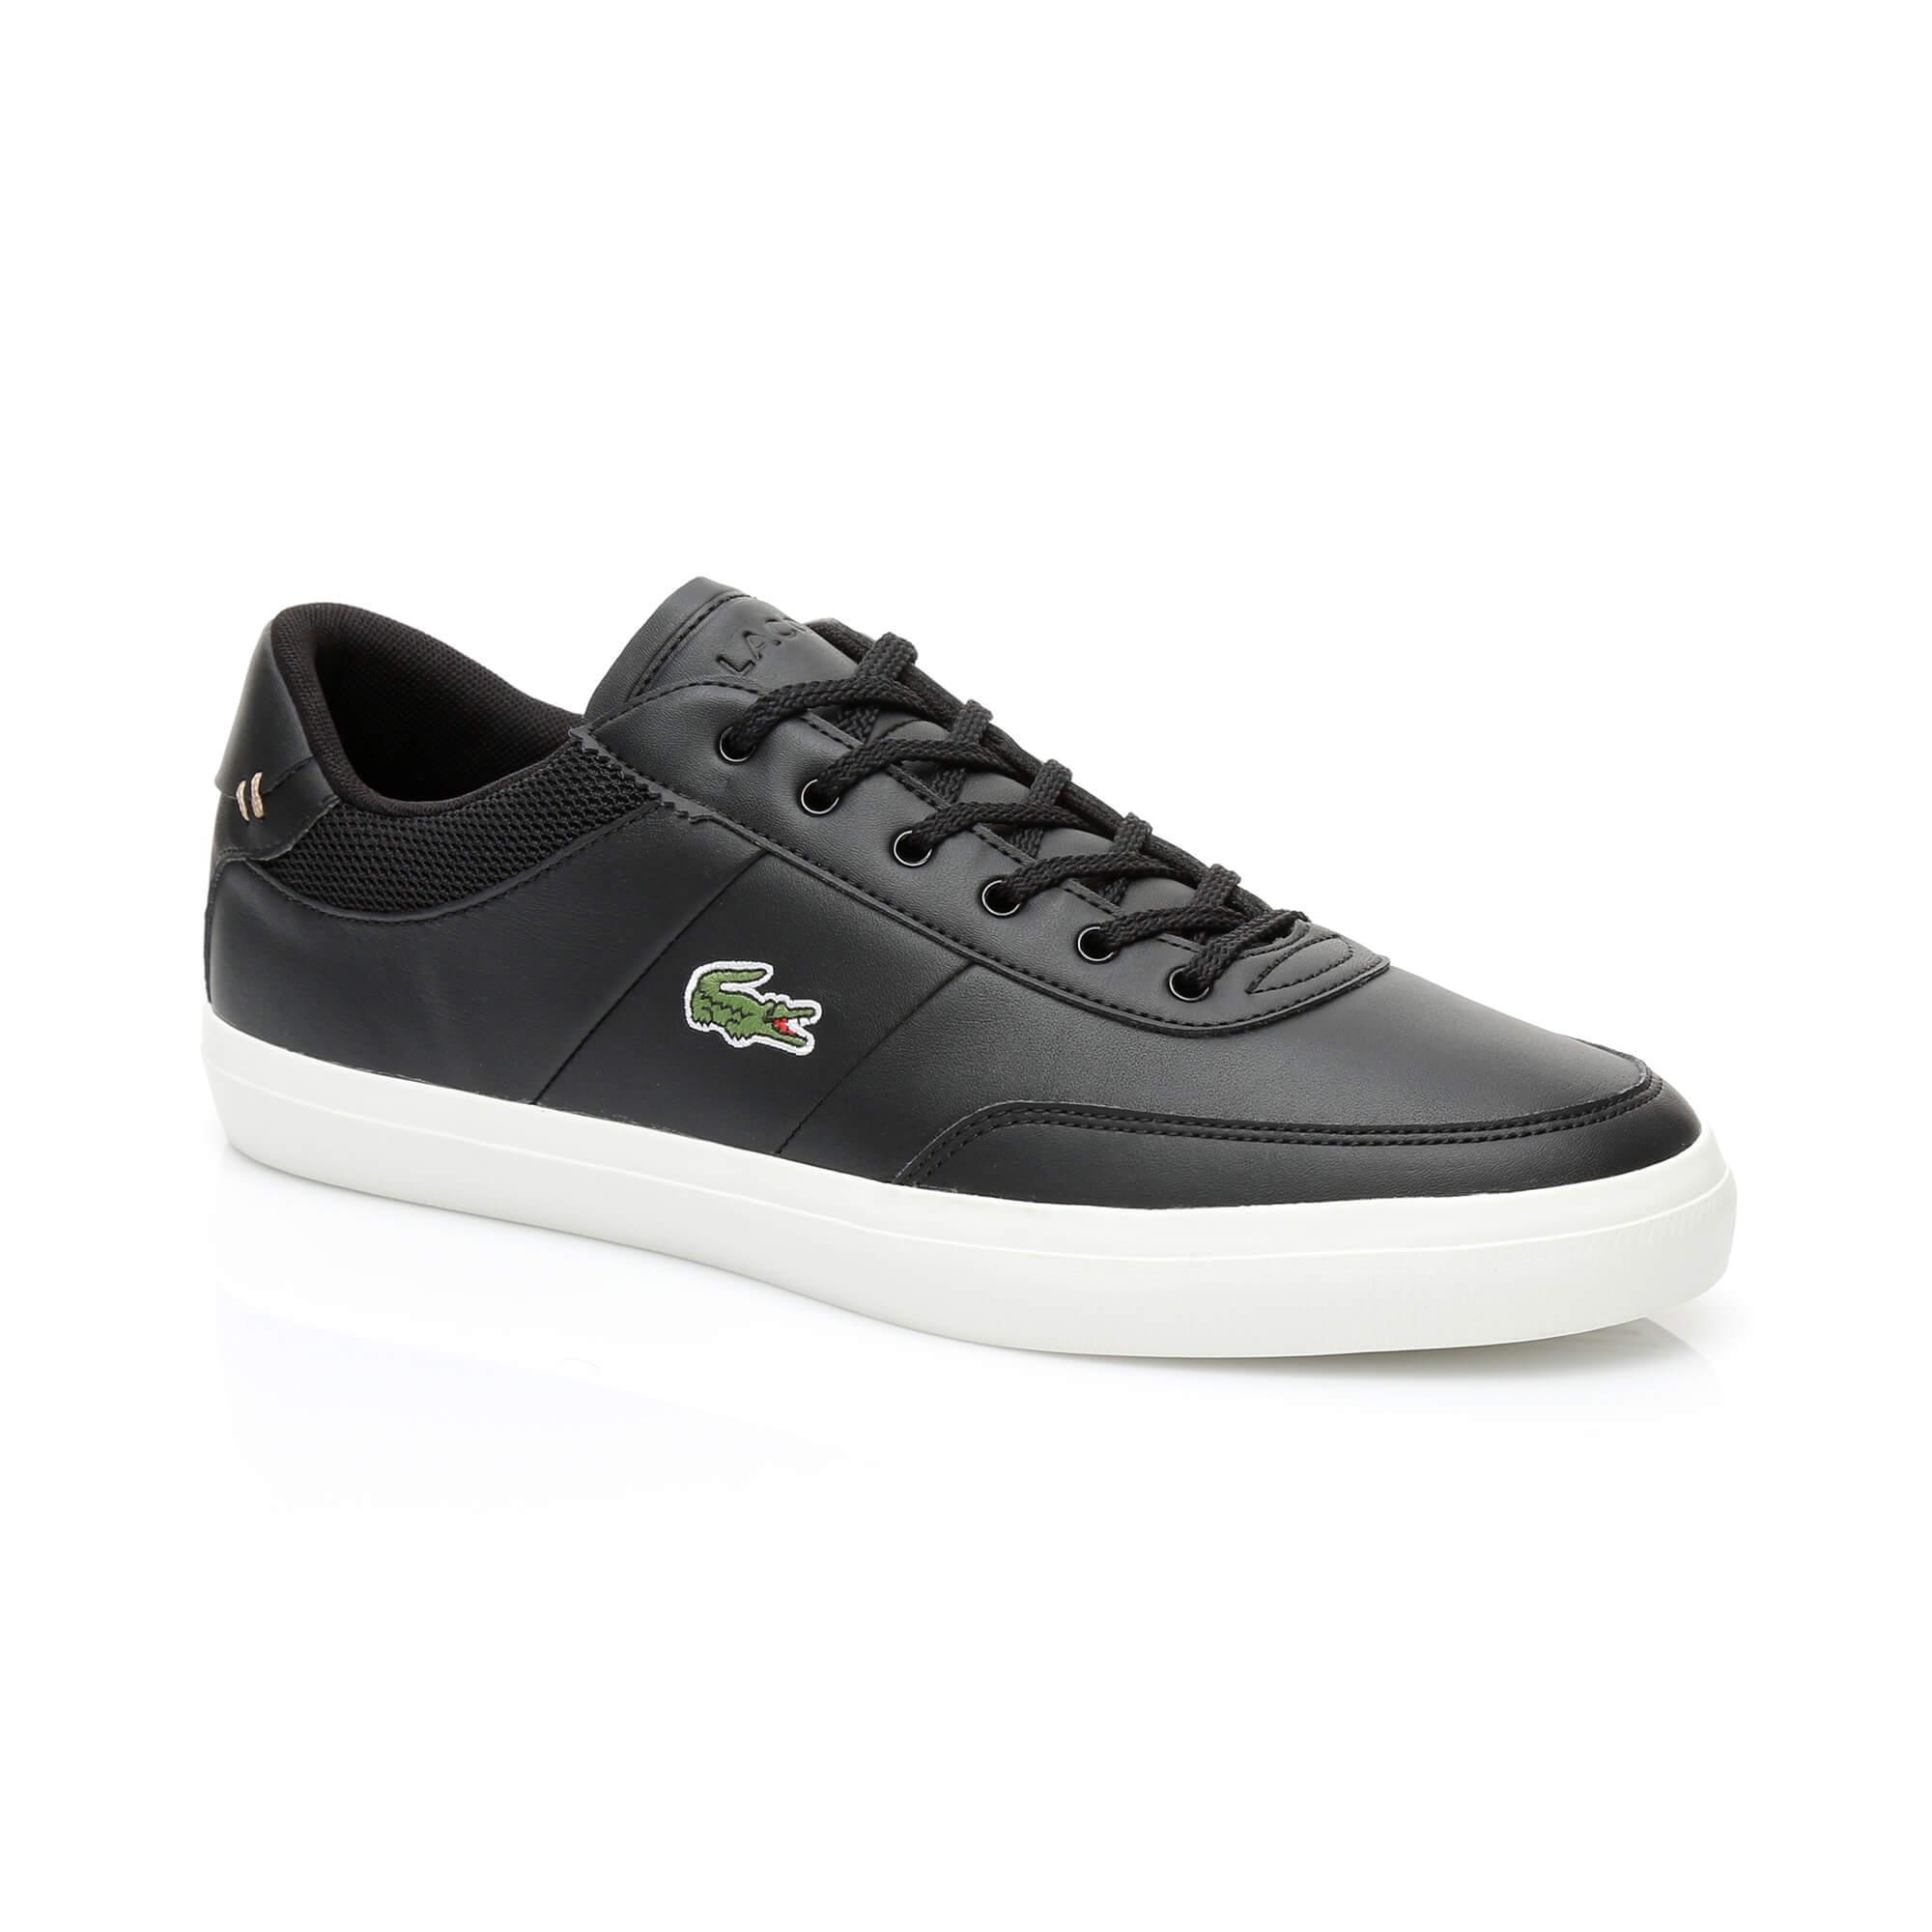 204531a8d69272 Lacoste Men's Court Master Sneakers 735CAM0016 454 | lacoste.pl ...